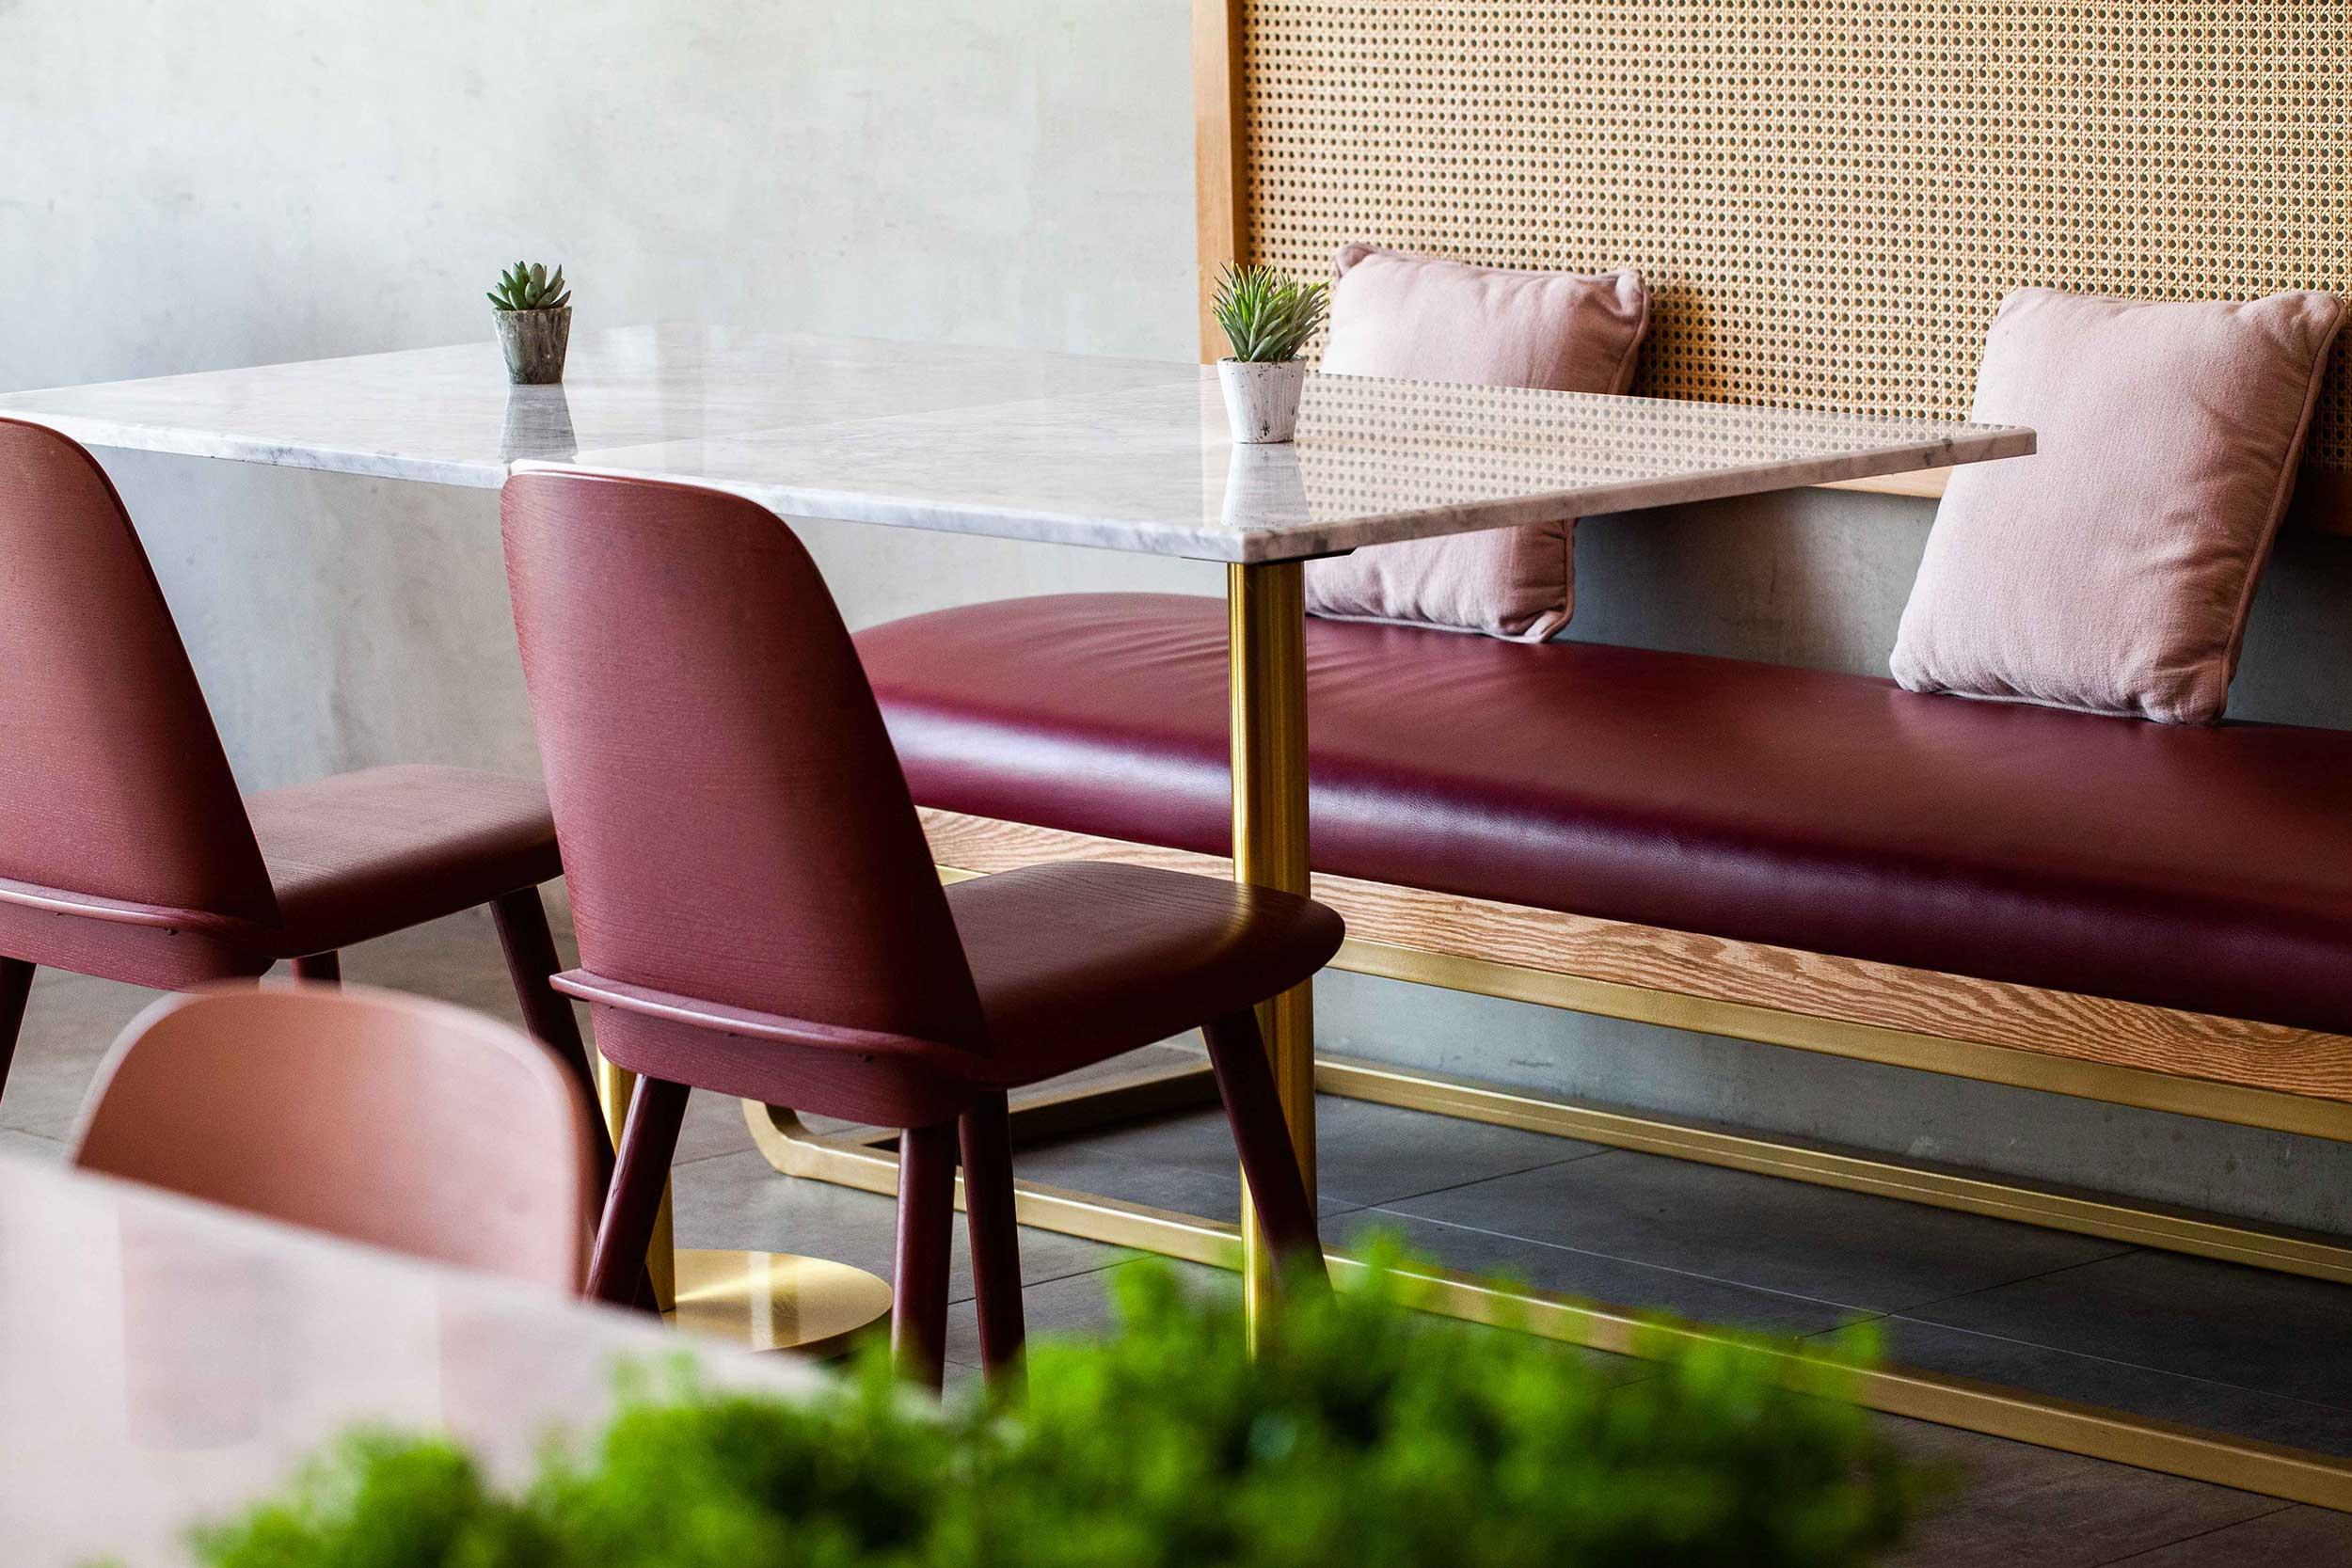 Surround-BestInterior Design Company in Dubai